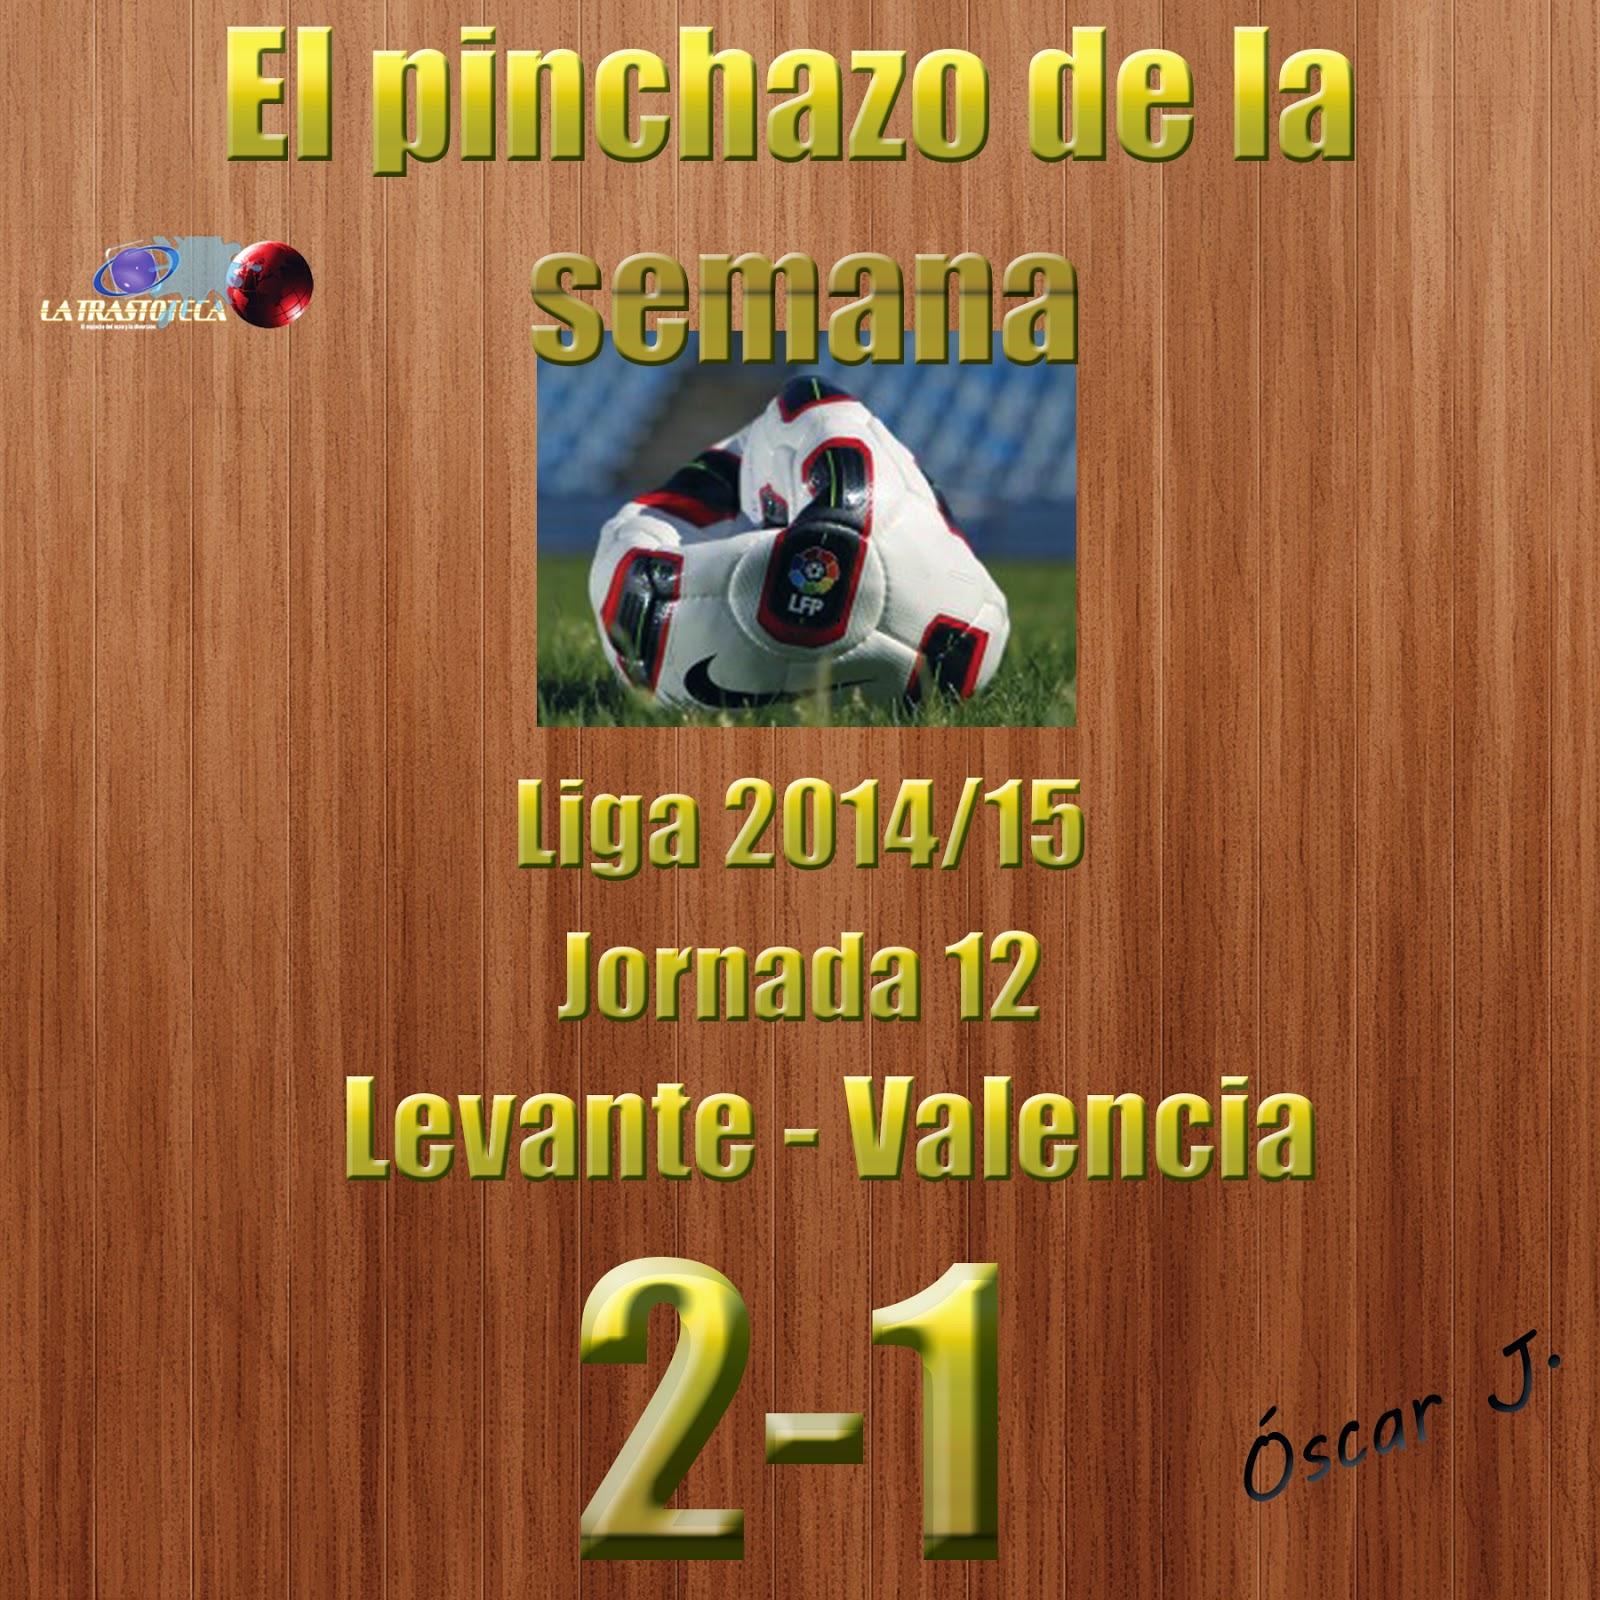 Levante 2-1 Valencia. Liga 2014/15 - Jornada 12. El pinchazo de la semana.